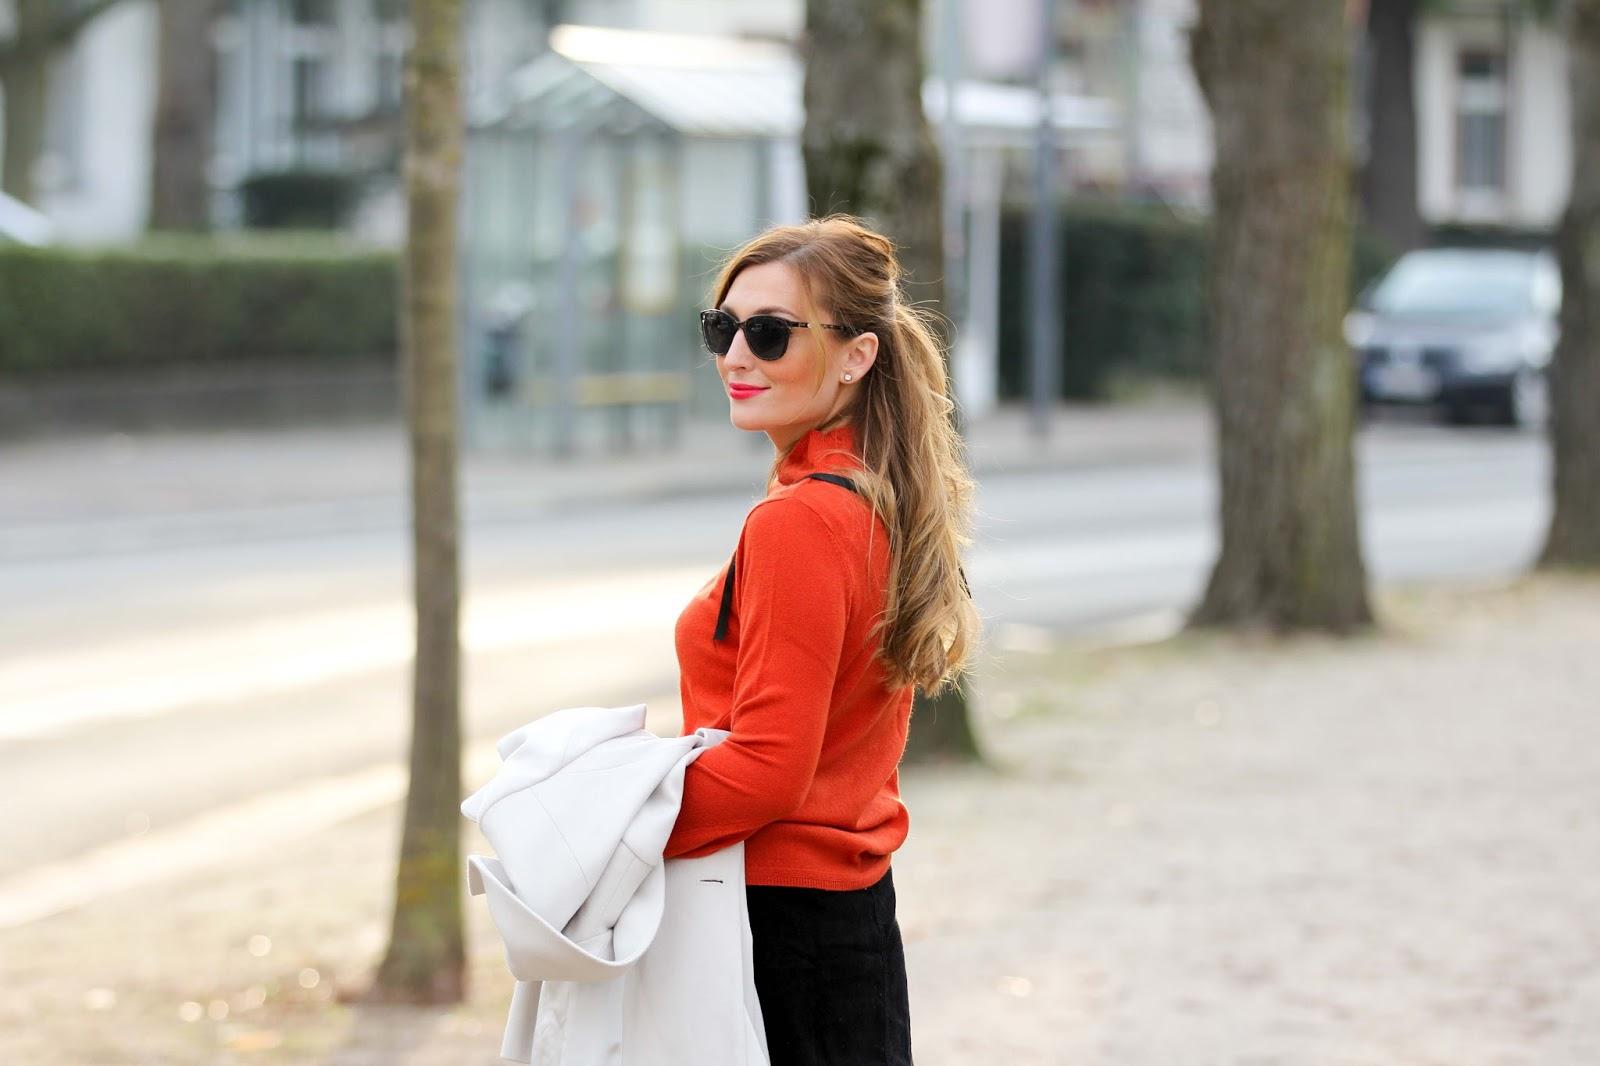 Gerry-Weber-creme-Mantel-Rock-mit-knöpfen-orangener-Pullover-Streetstyle-Streetstyleblogger-Fashionstylebyjohanna